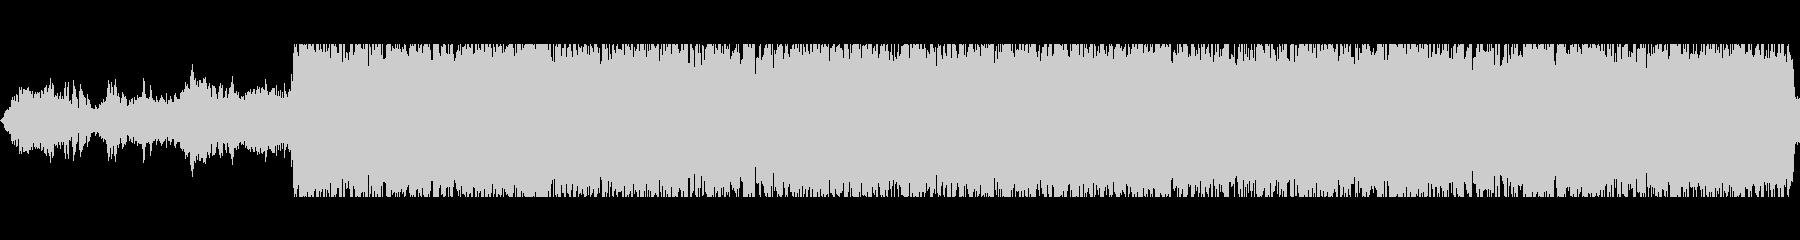 インストゥルメンタルロックソロ。イ...の未再生の波形